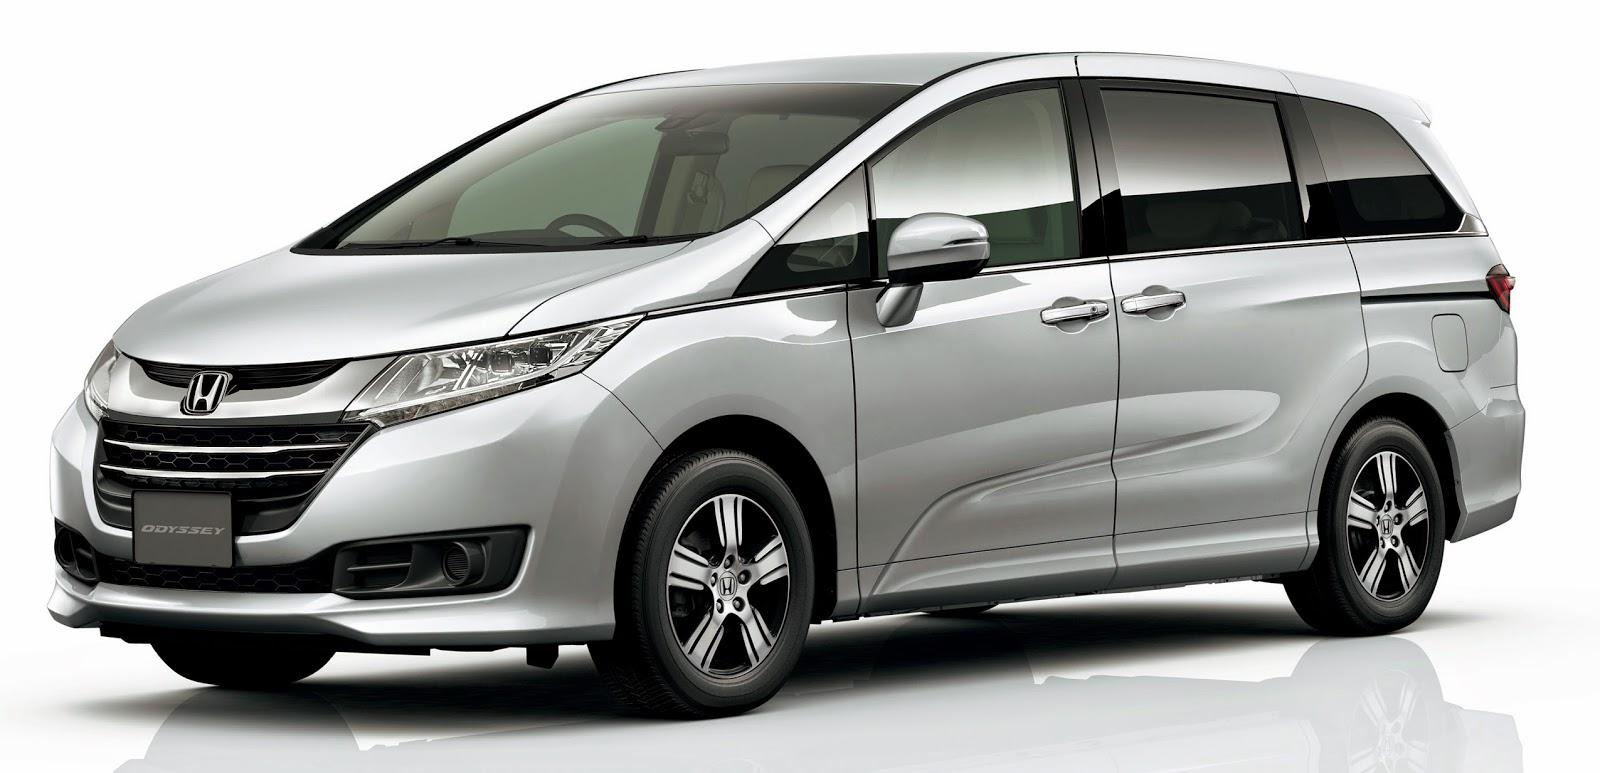 Rental / Sewa Mobil Harian Lepas Kunci HONDA ODYSSEY di Jakarta